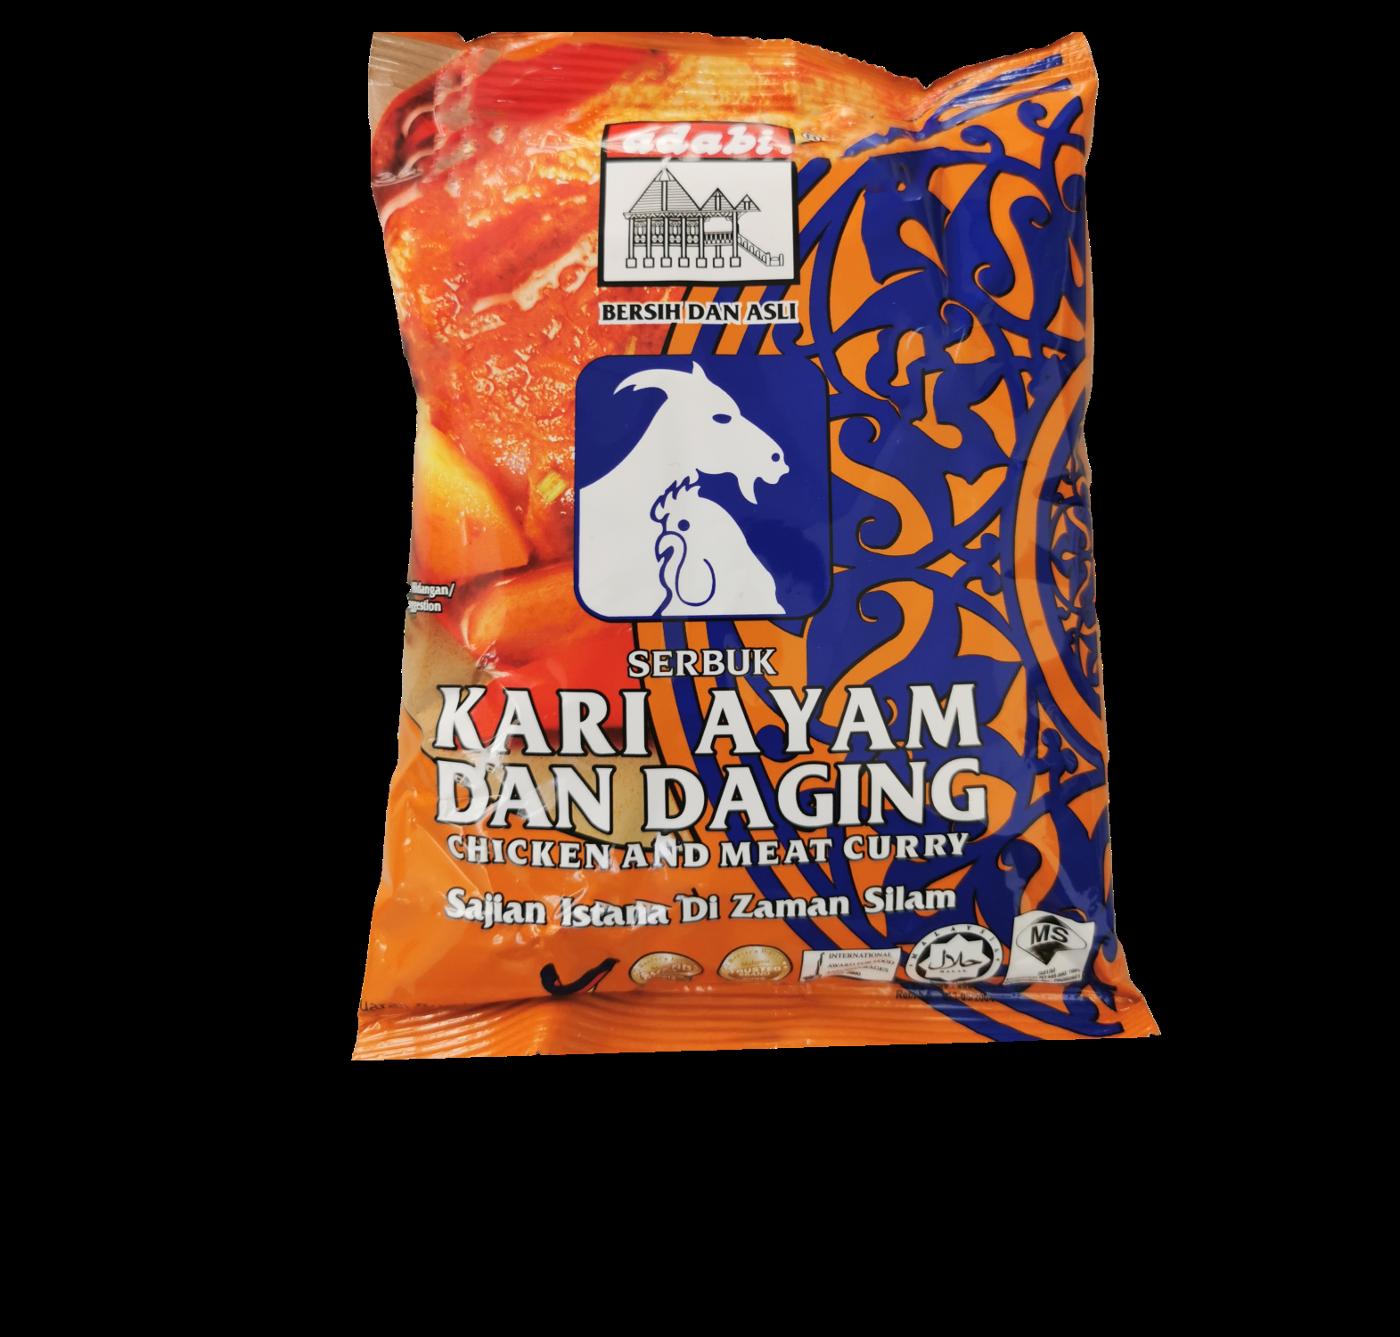 Adabi Serbuk Kari Ayam Dan Daging (Chicken and Meat Curry)